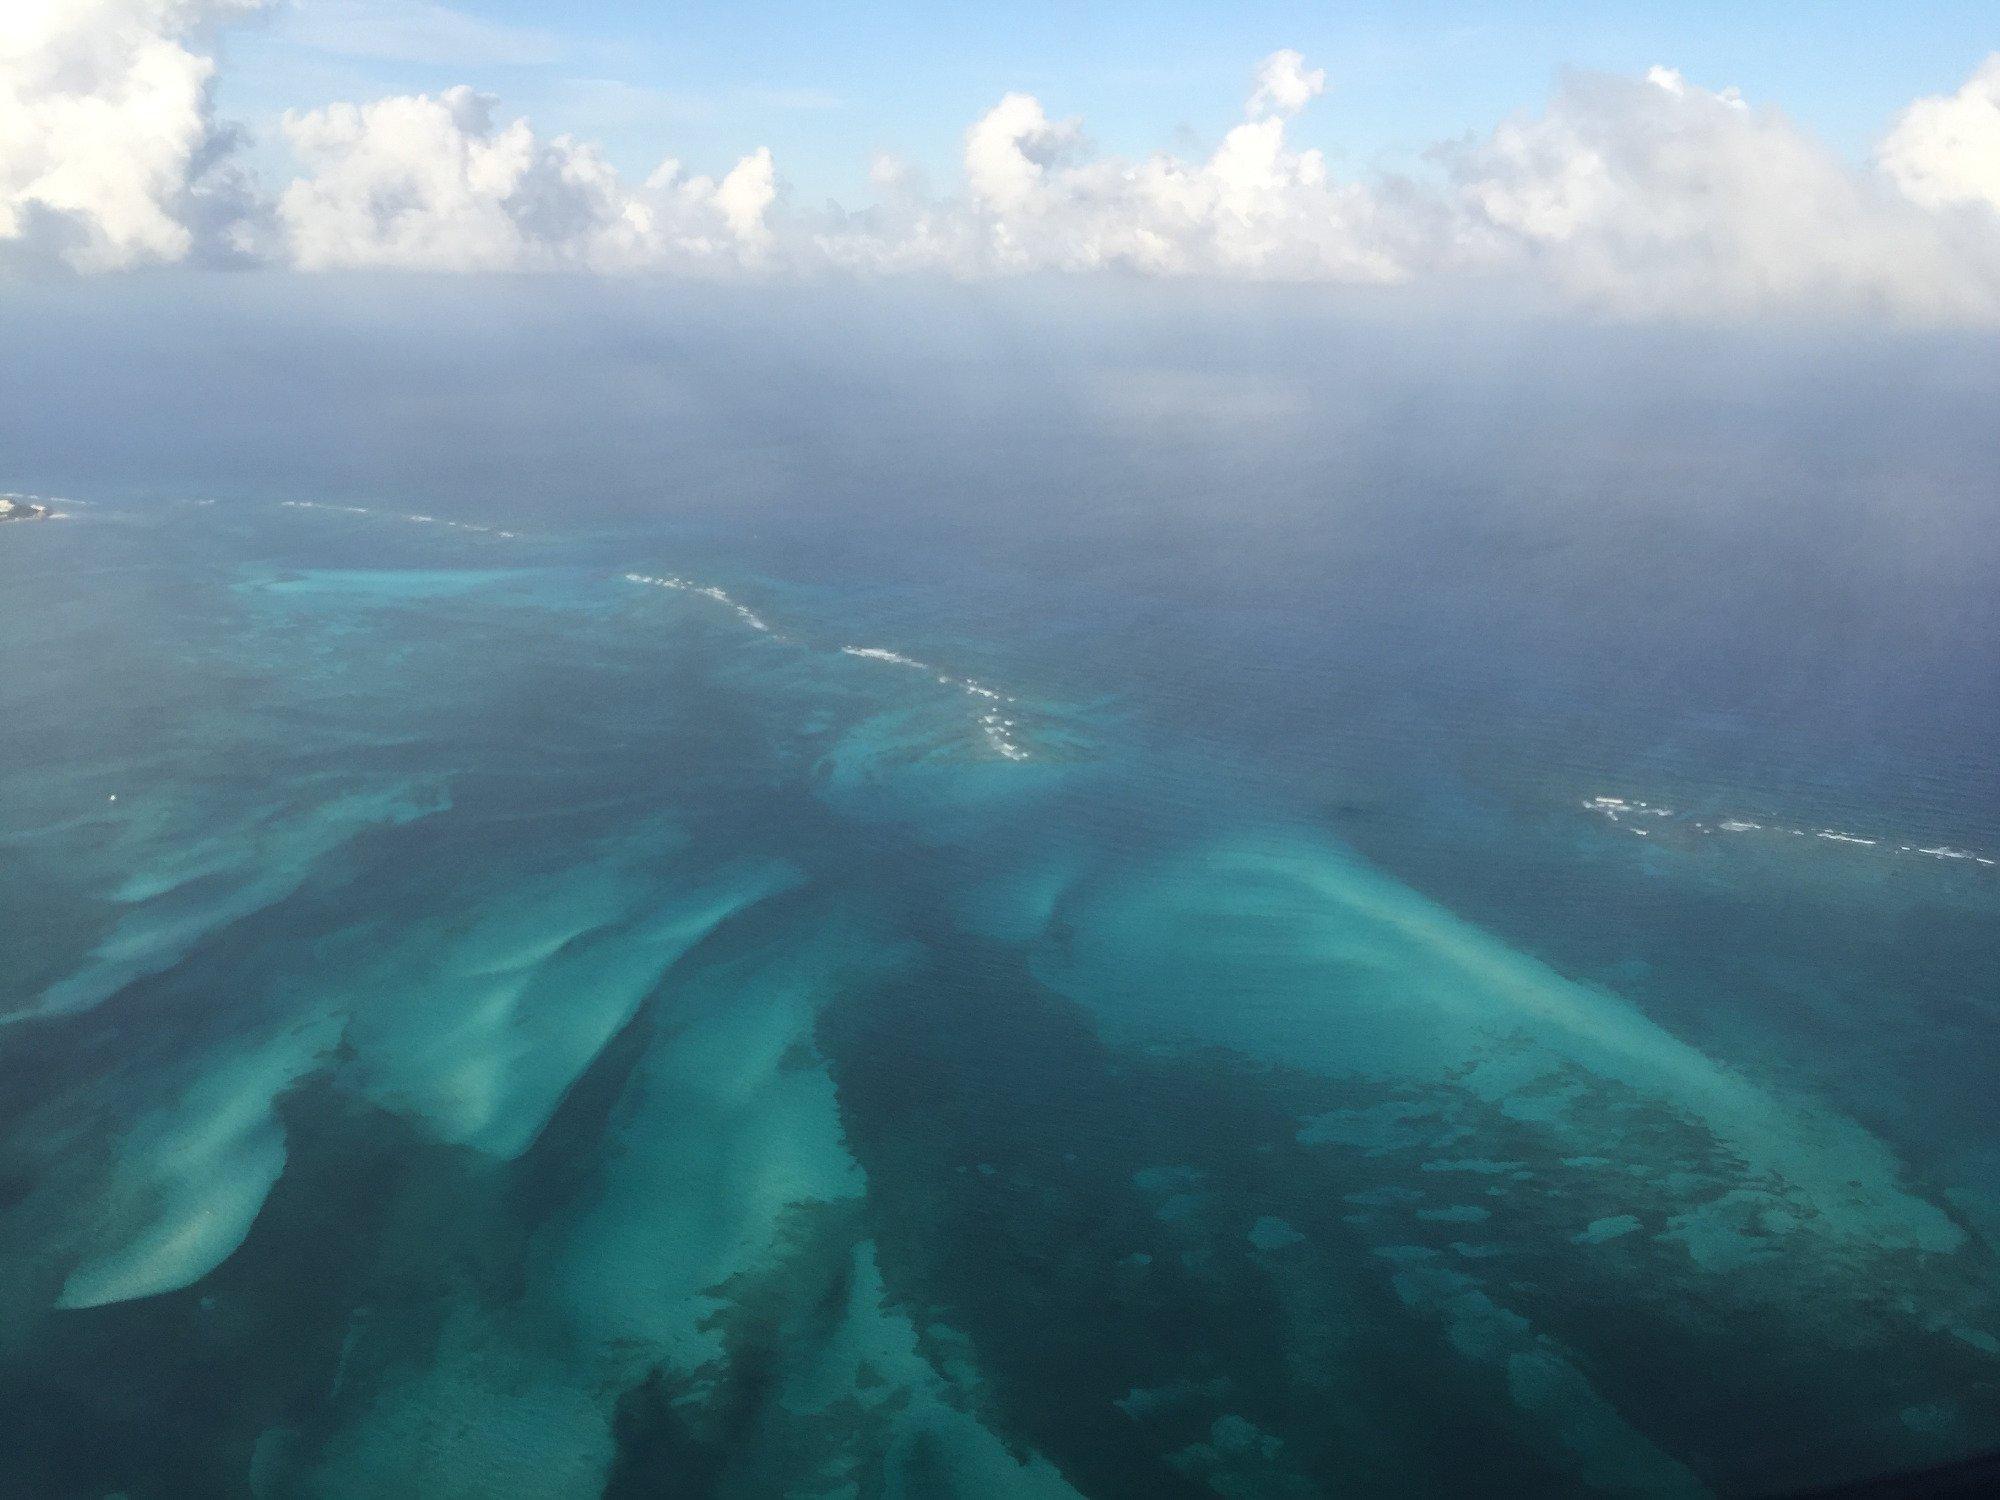 Sea off Cancun